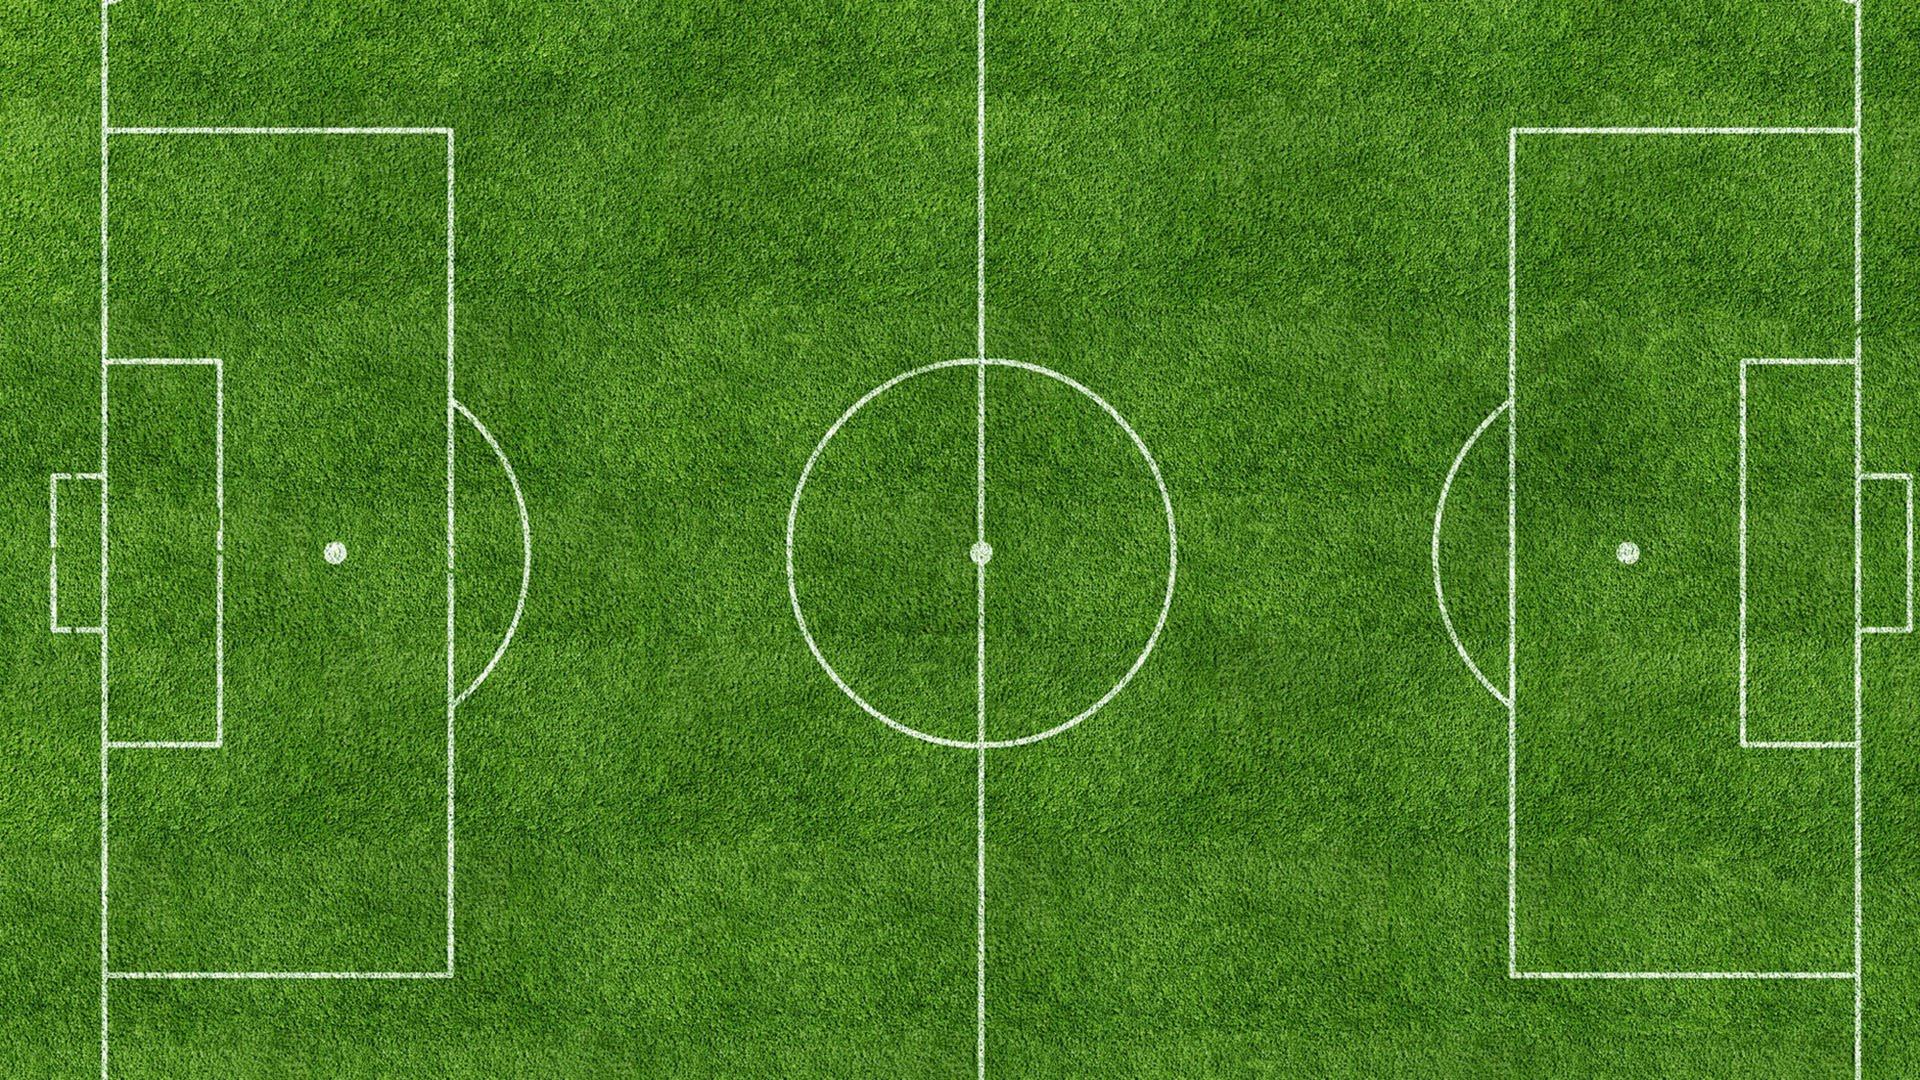 نصائح للاعب كرة القدم